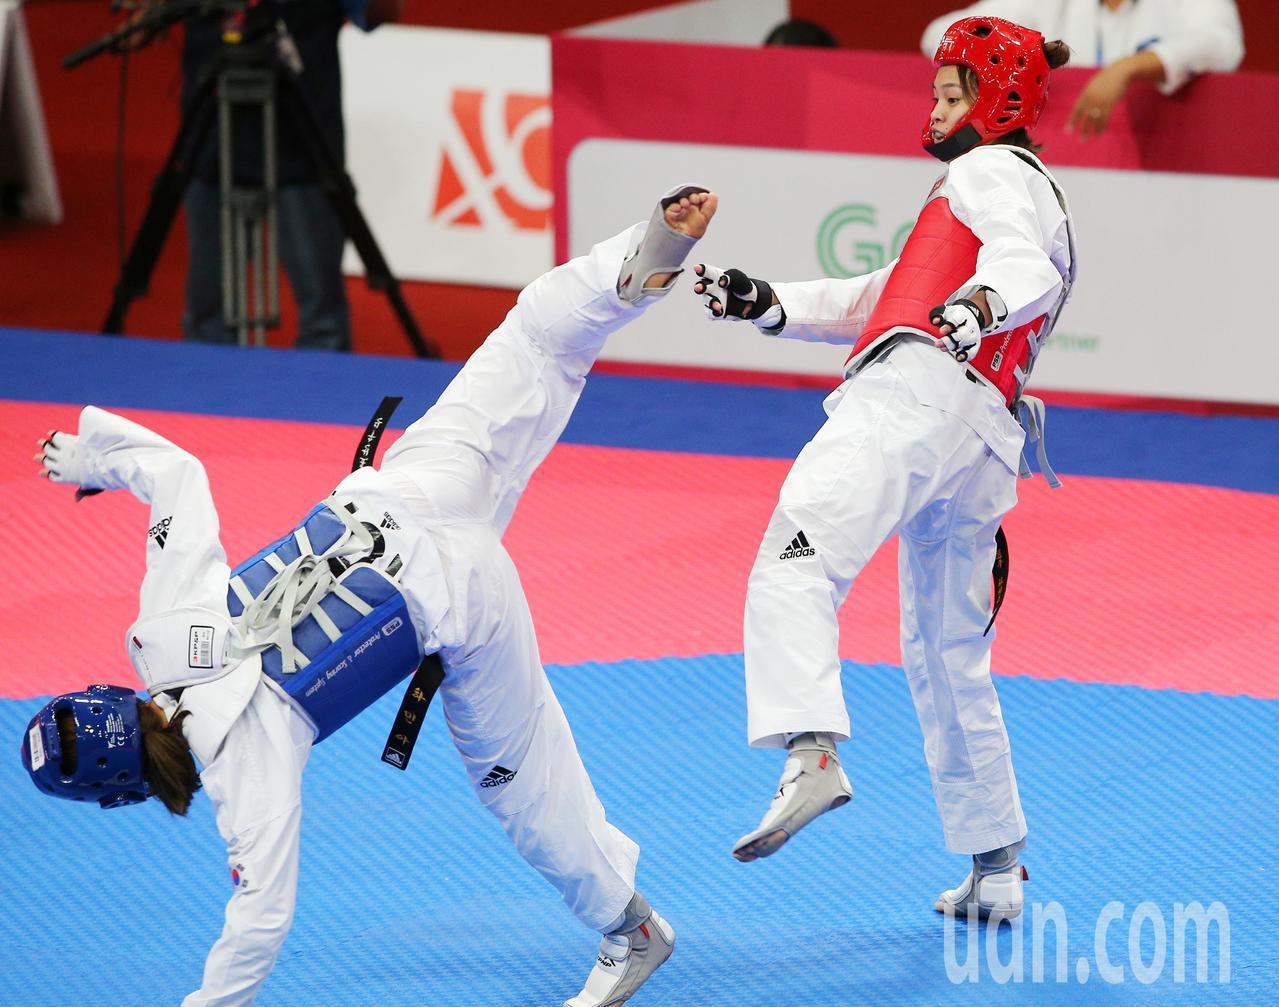 中華蘇柏亞(右)跆拳道53公斤級奪金,踢飛韓國選手。特派記者陳正興/雅加達攝影